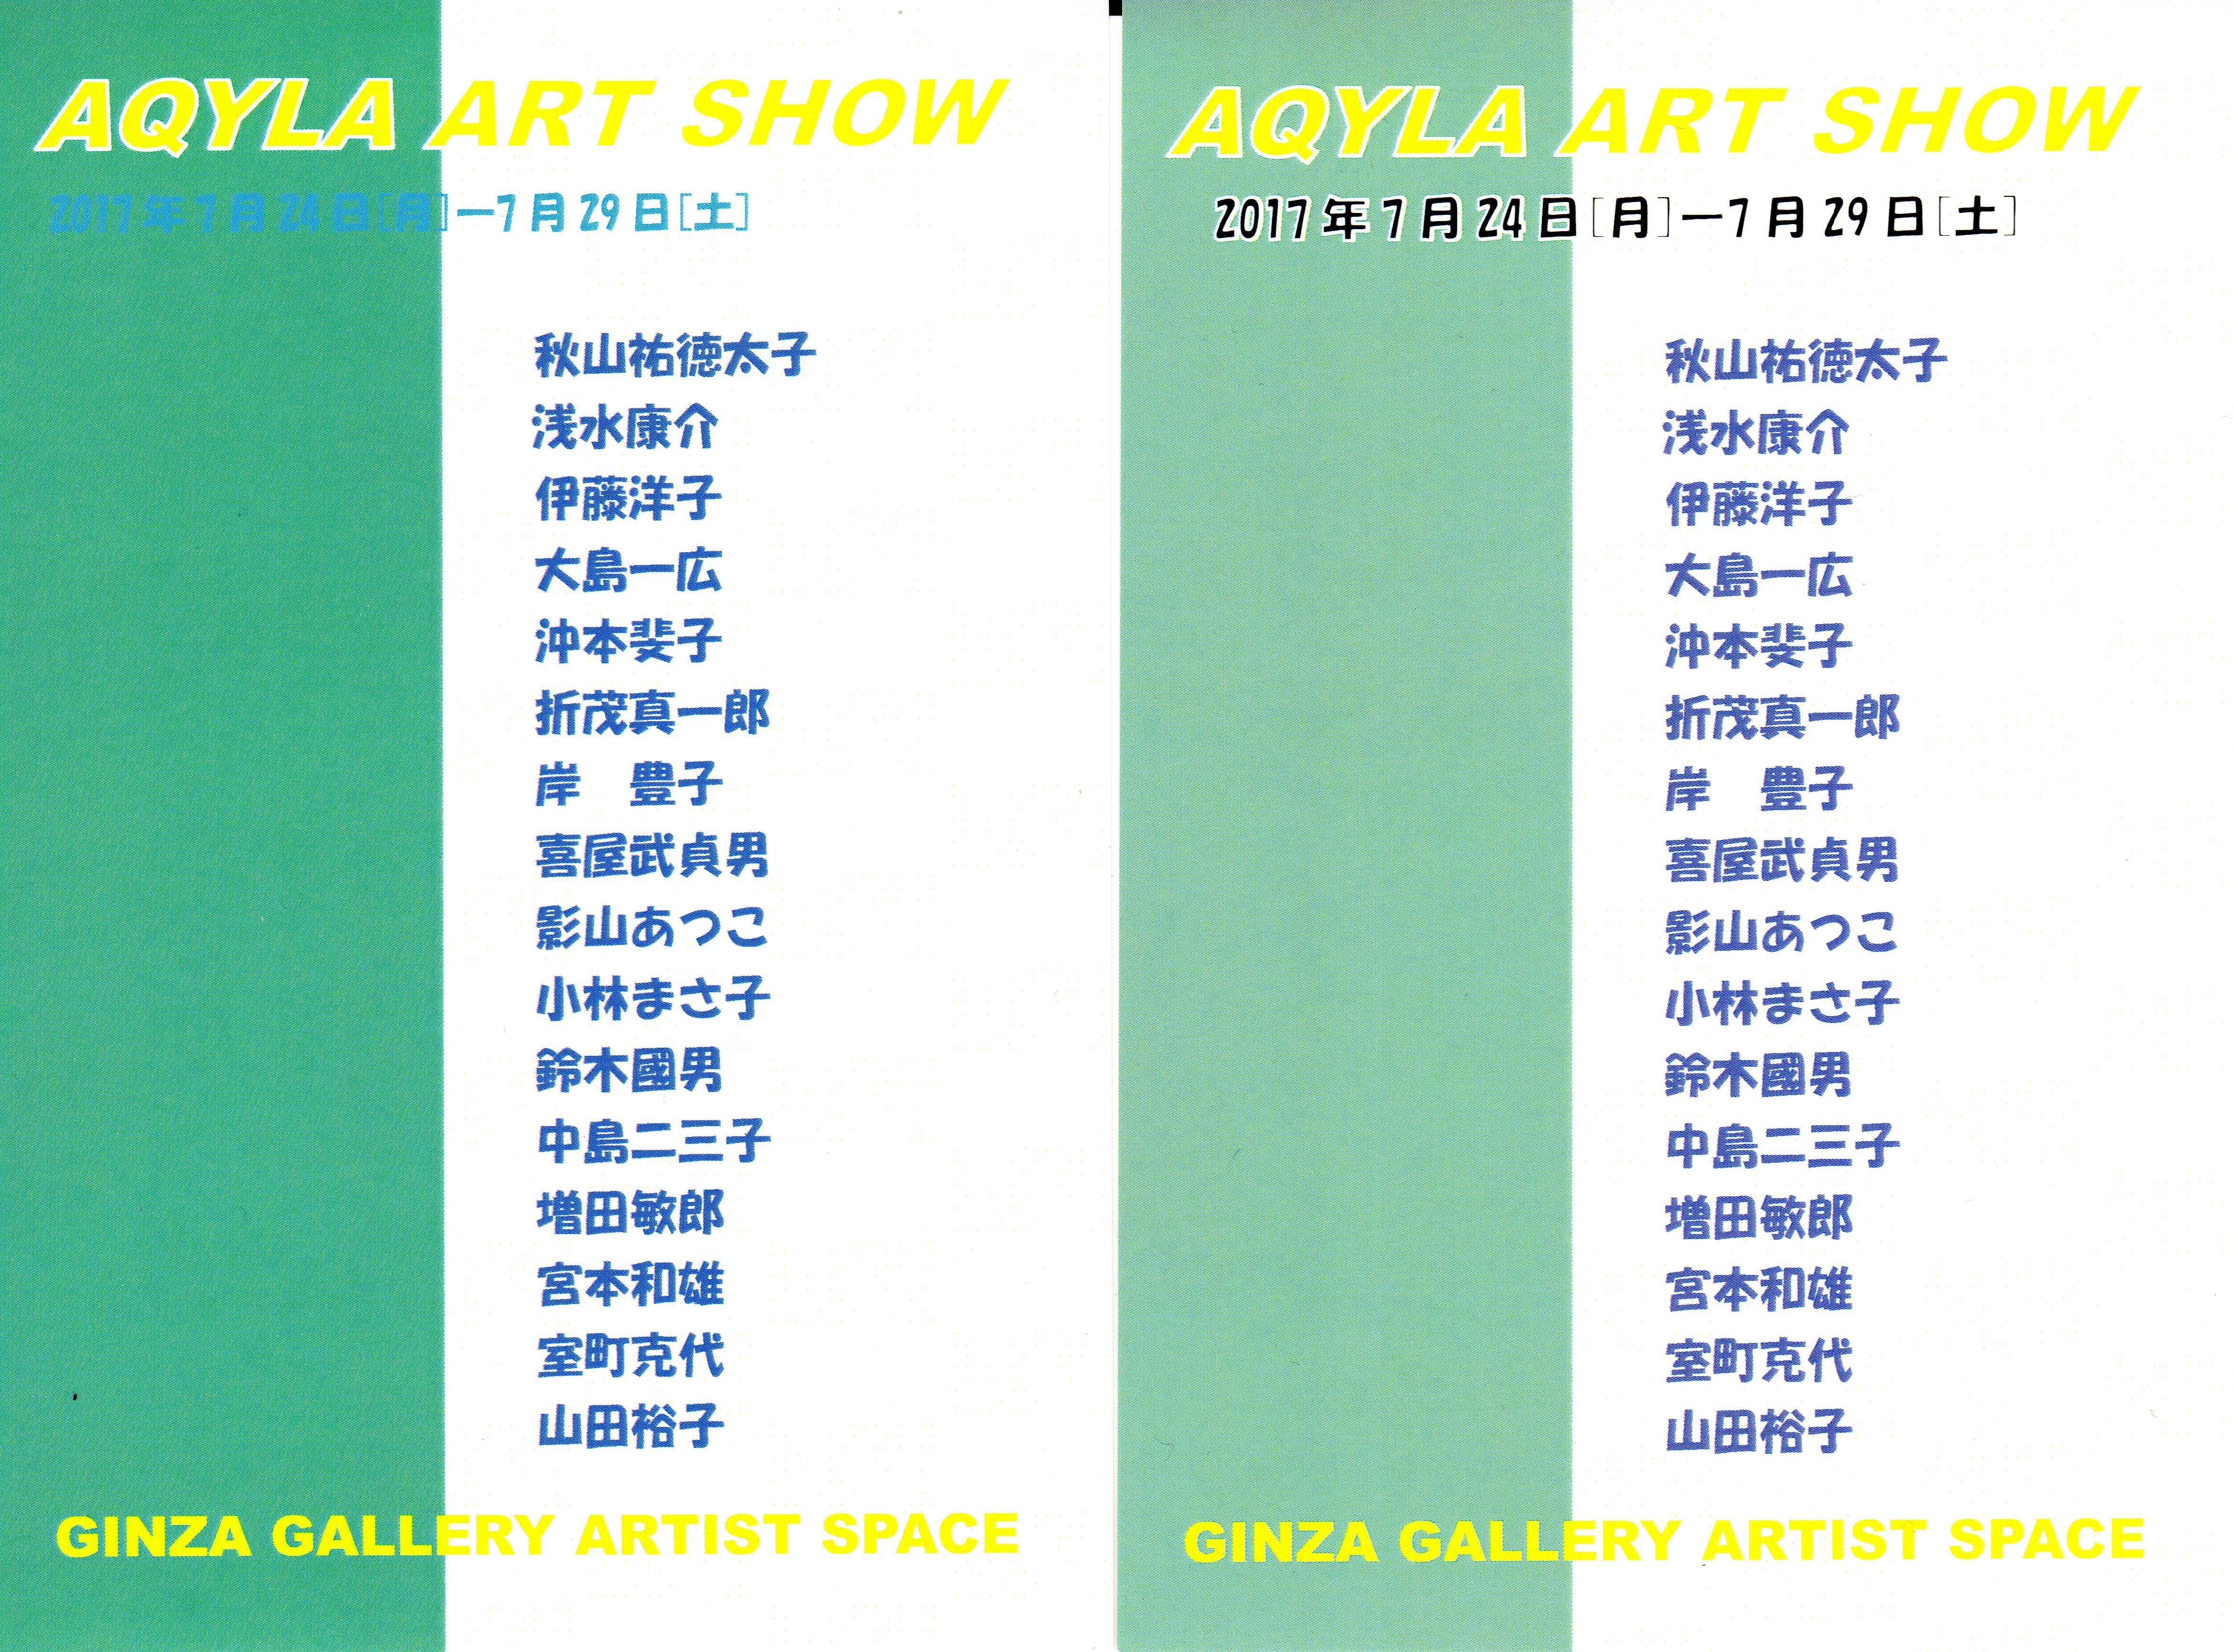 グループ展 [AQYLA ART SHOW] (アキーラ・アート・ショー) 2017。